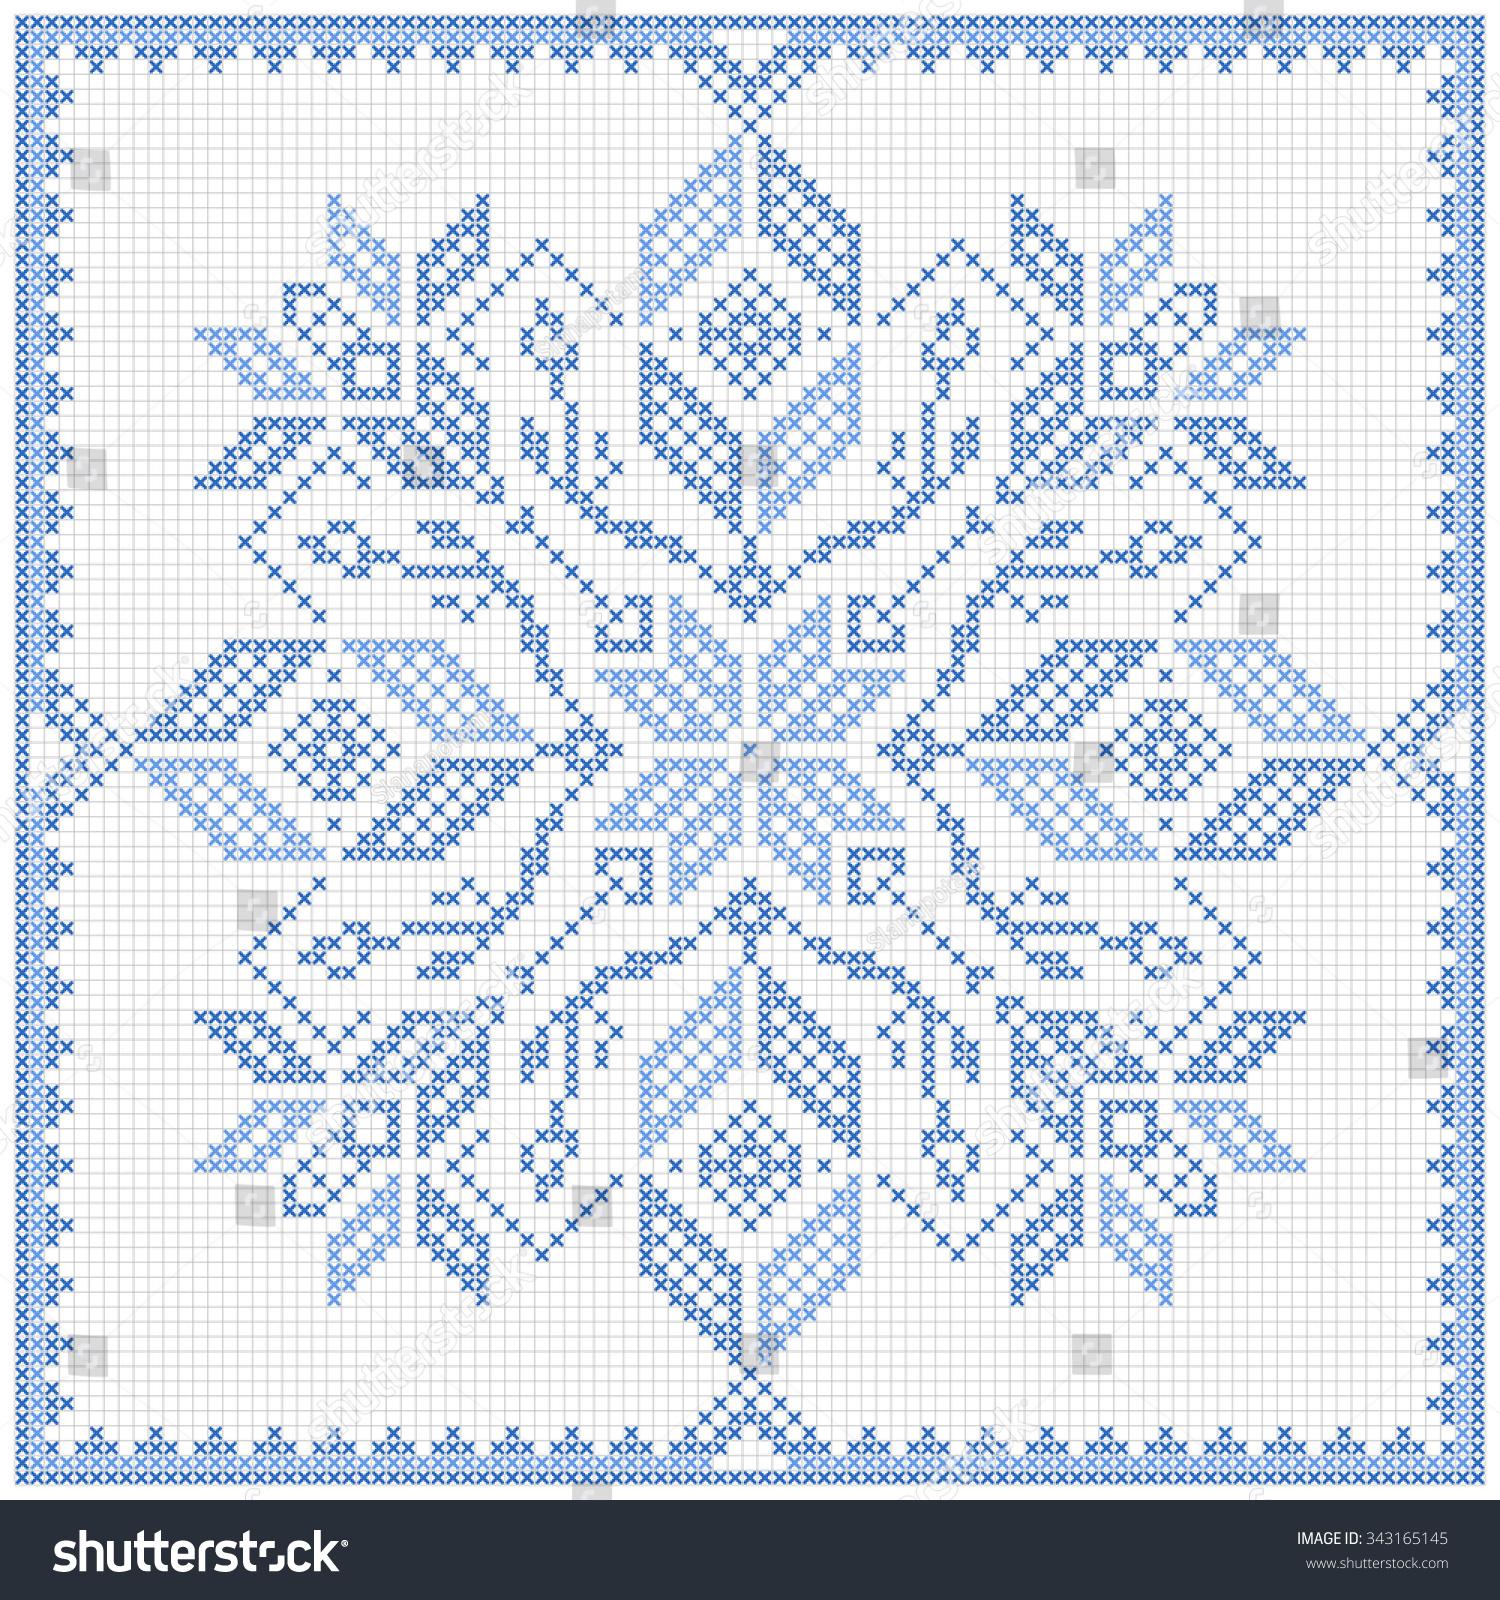 Royalty Free Scandinavian Style Cross Stitch Pattern 343165145